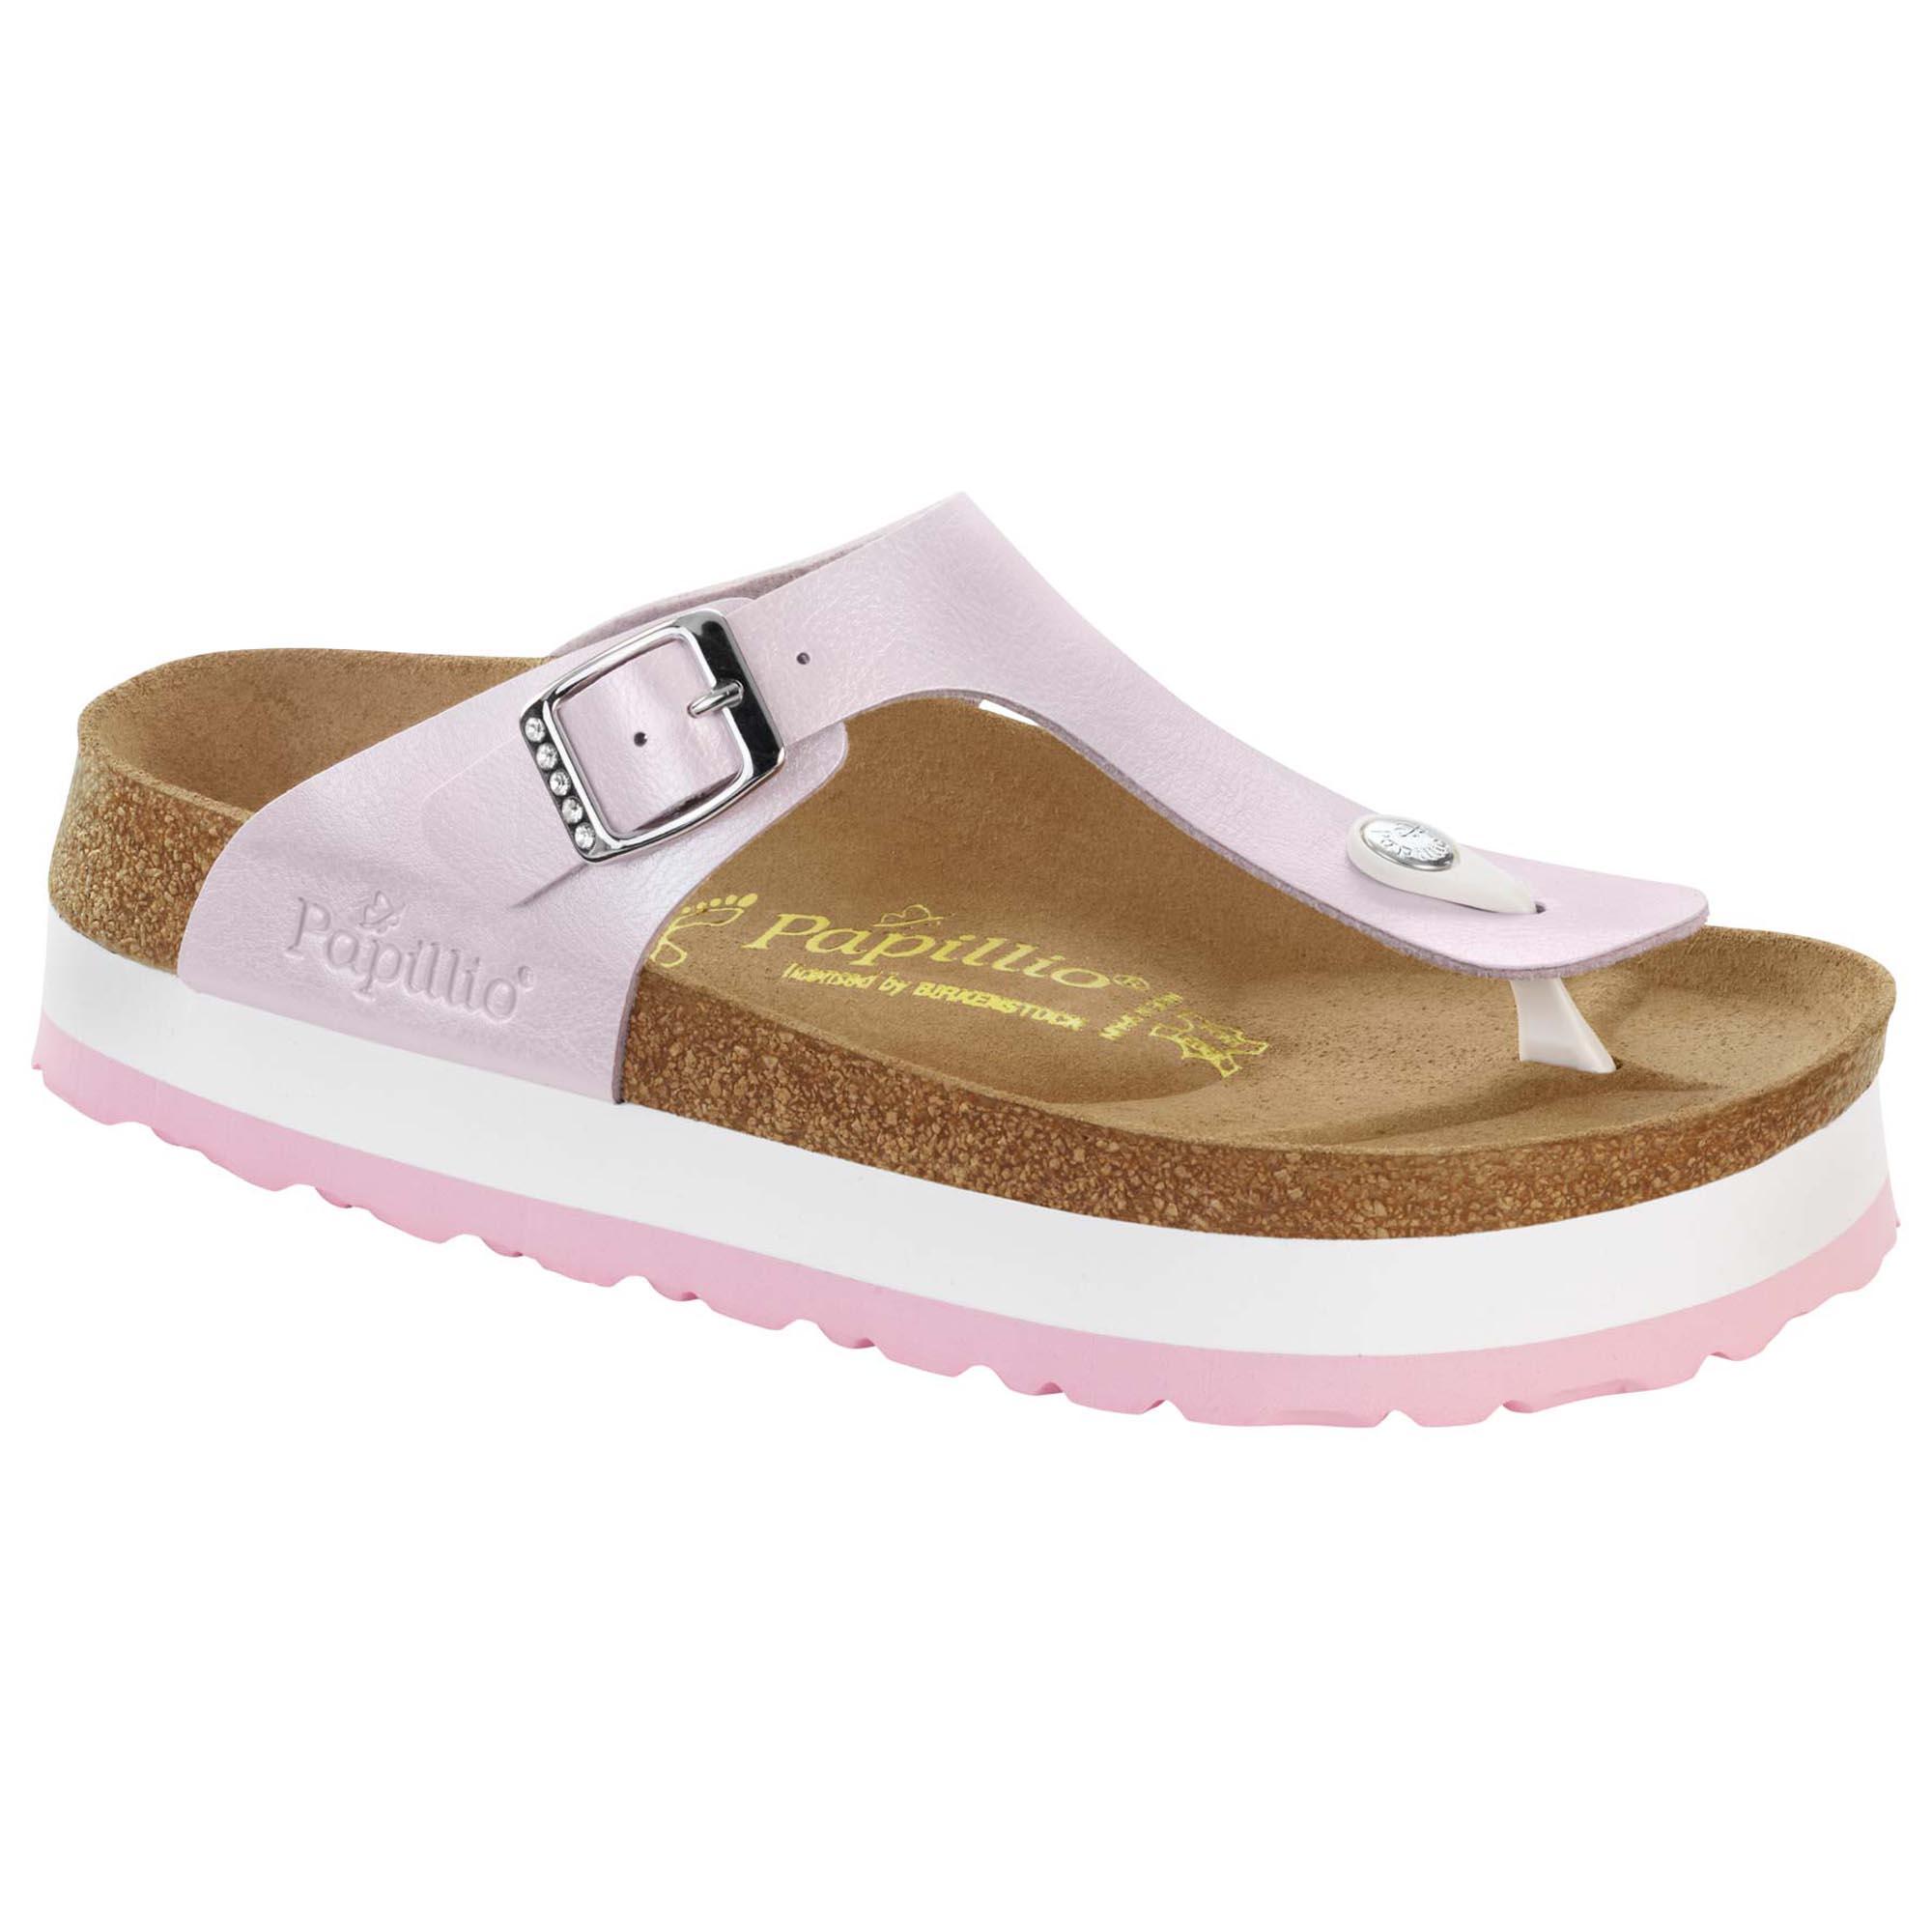 Birkenstock Gizeh Birko Flor Plateau, Women's Sandals